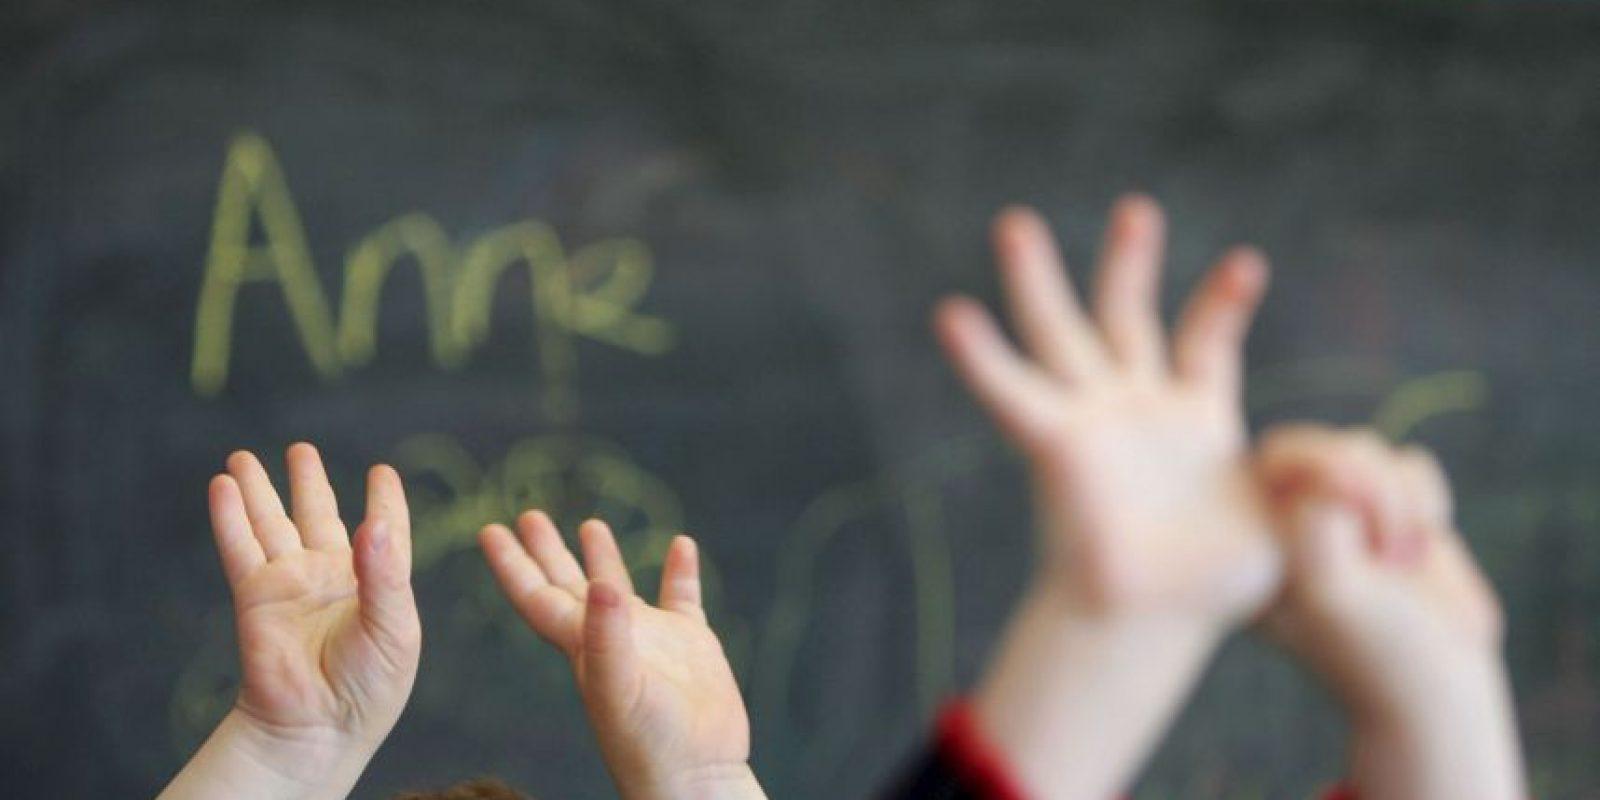 Lamentablemente fue ultrajado por compañero de la escuela mayor que él. Foto:Getty Images